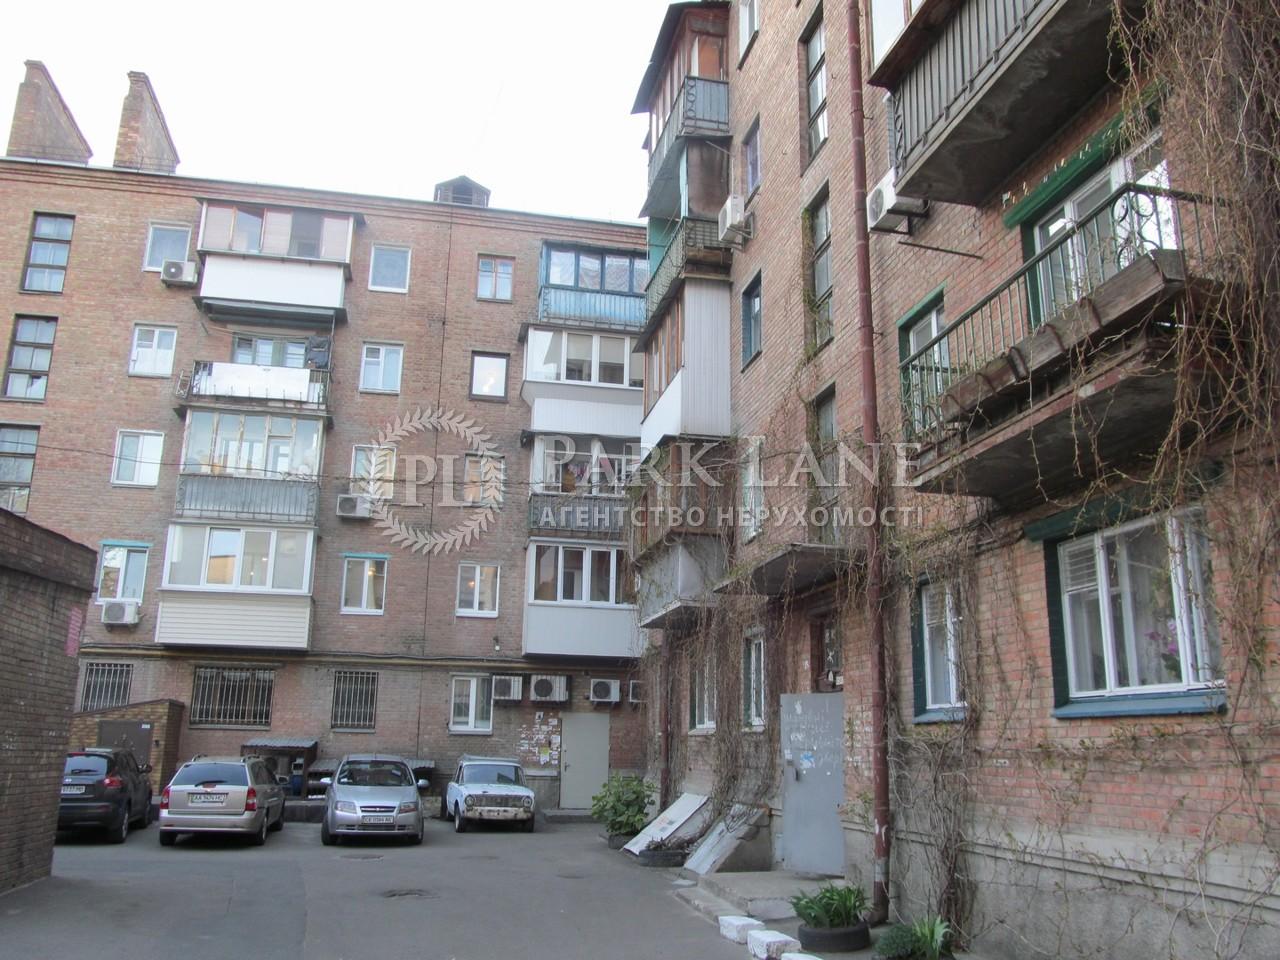 Нежилое помещение, ул. Константиновская, Киев, Z-1784335 - Фото 8